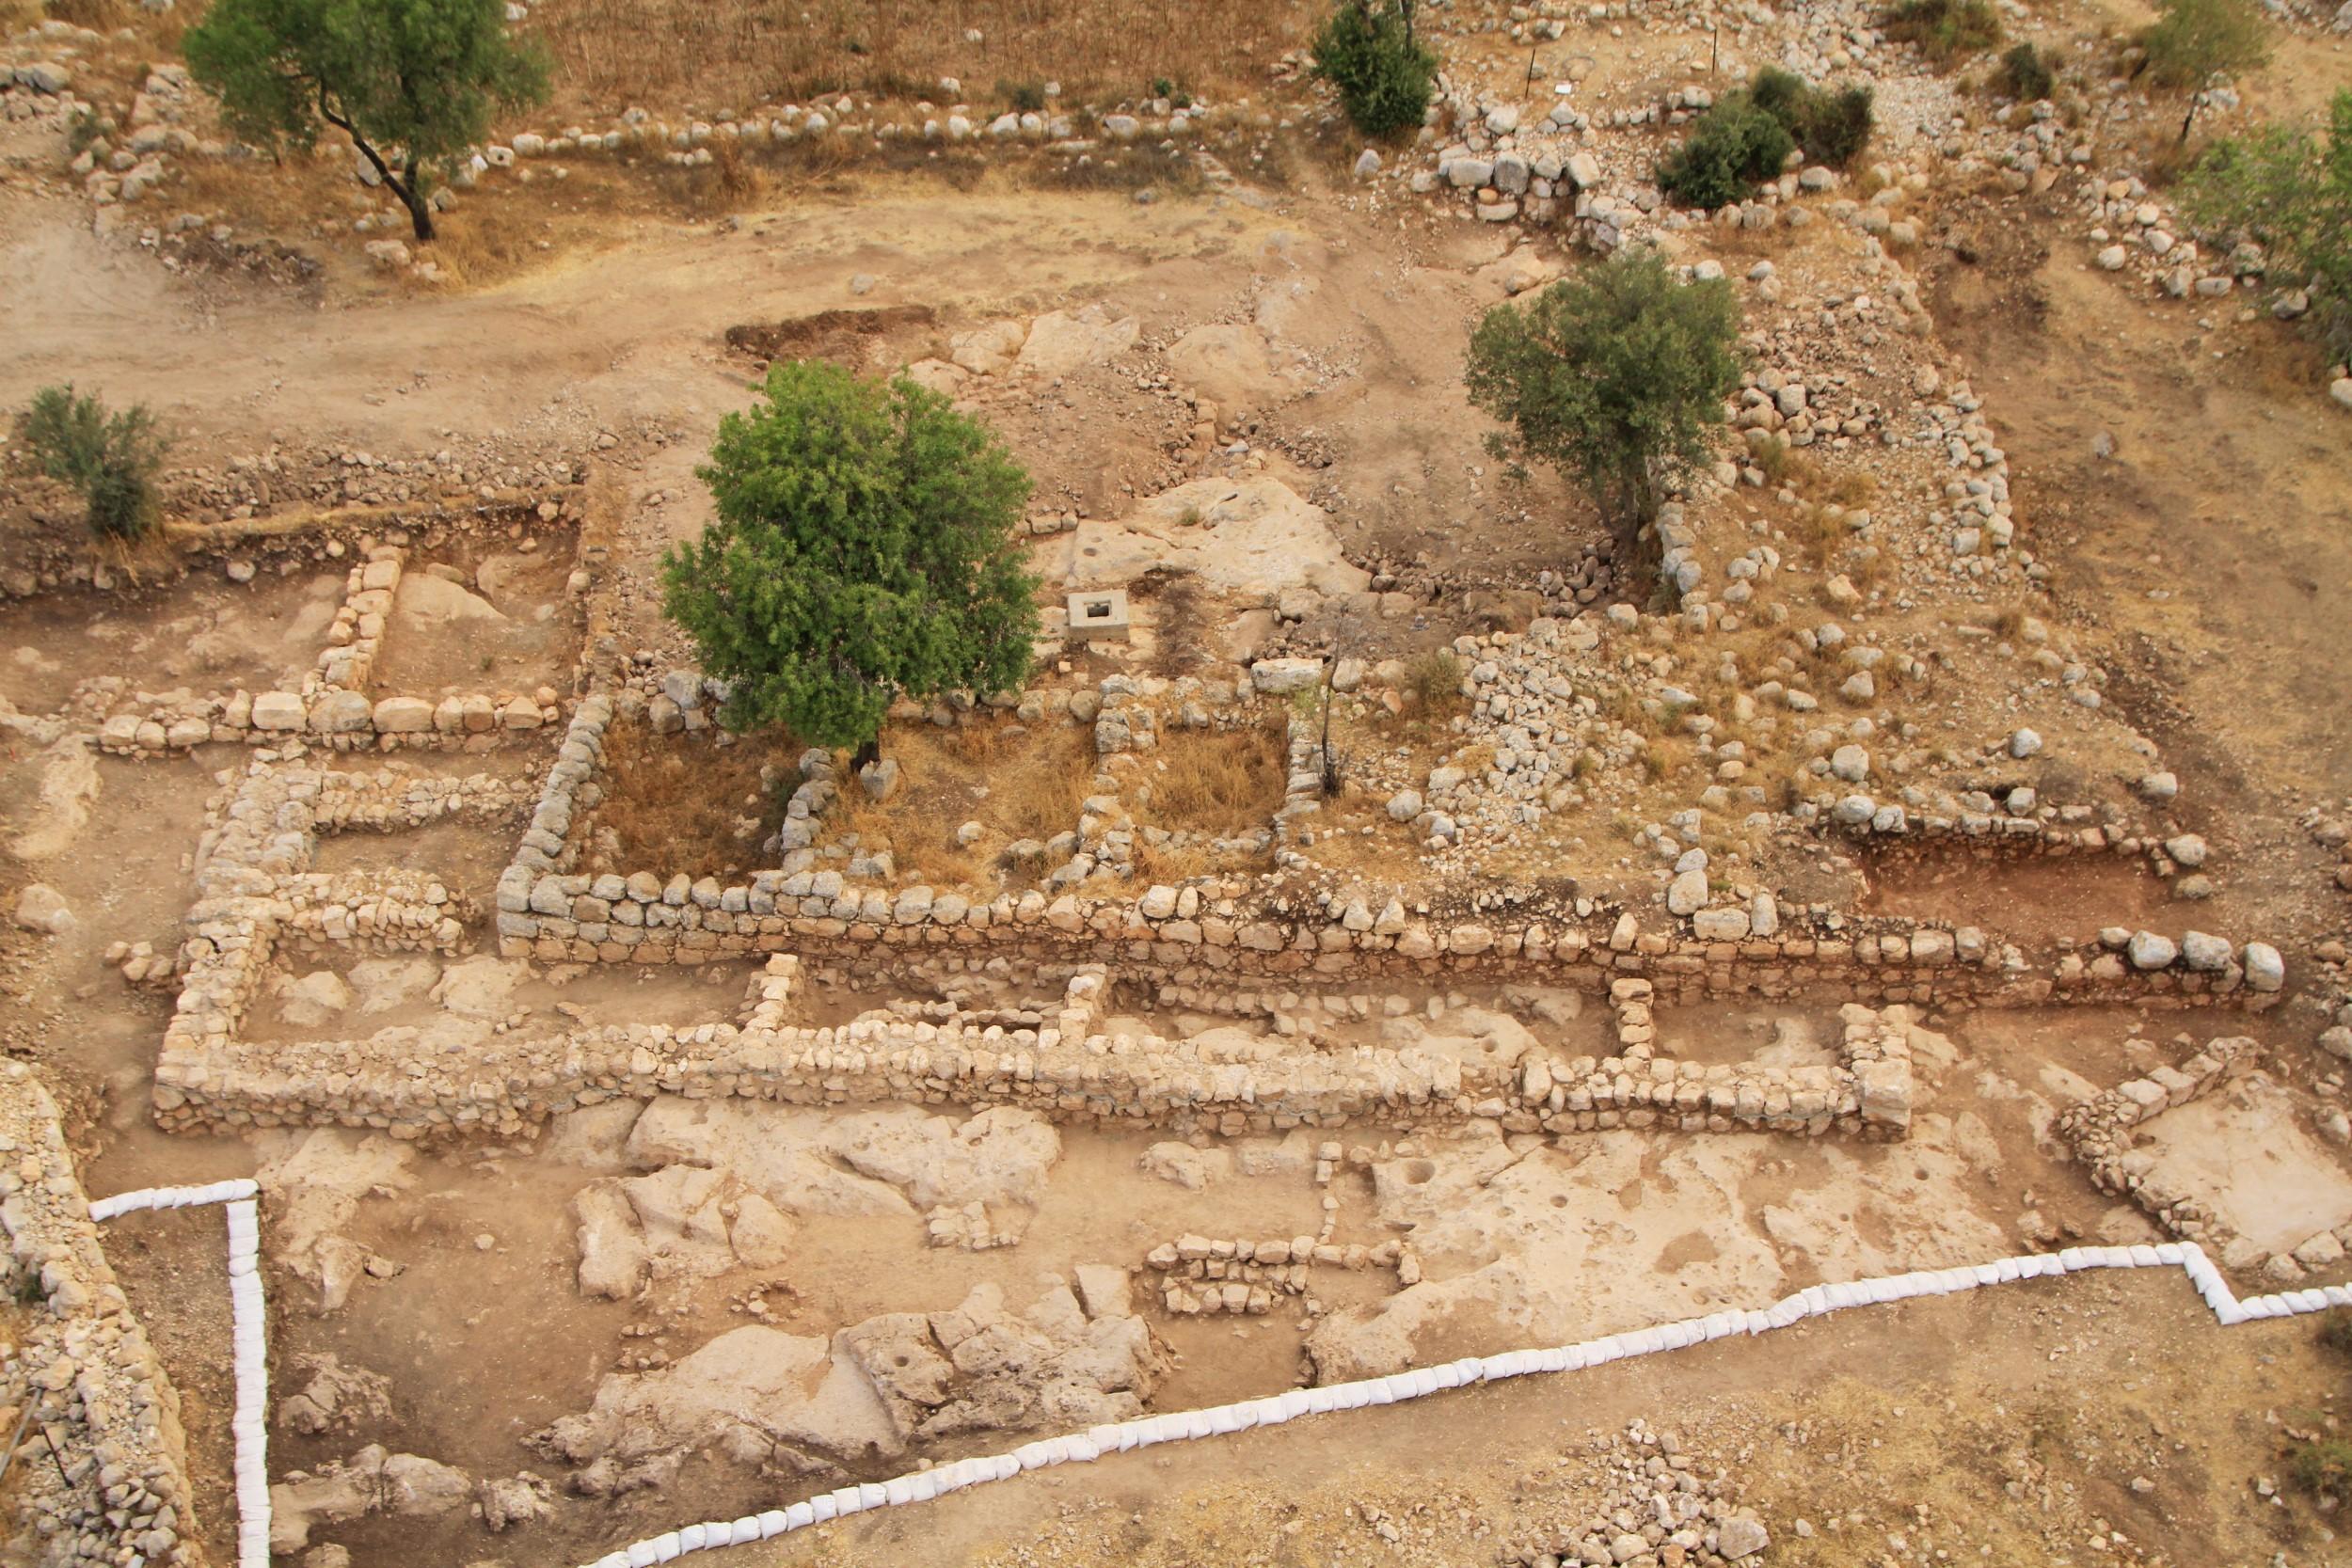 תמונה של שרידי הארמון . צילום: חברת Skyview, באדיבות האוניברסיטה העברית ורשות העתיקות